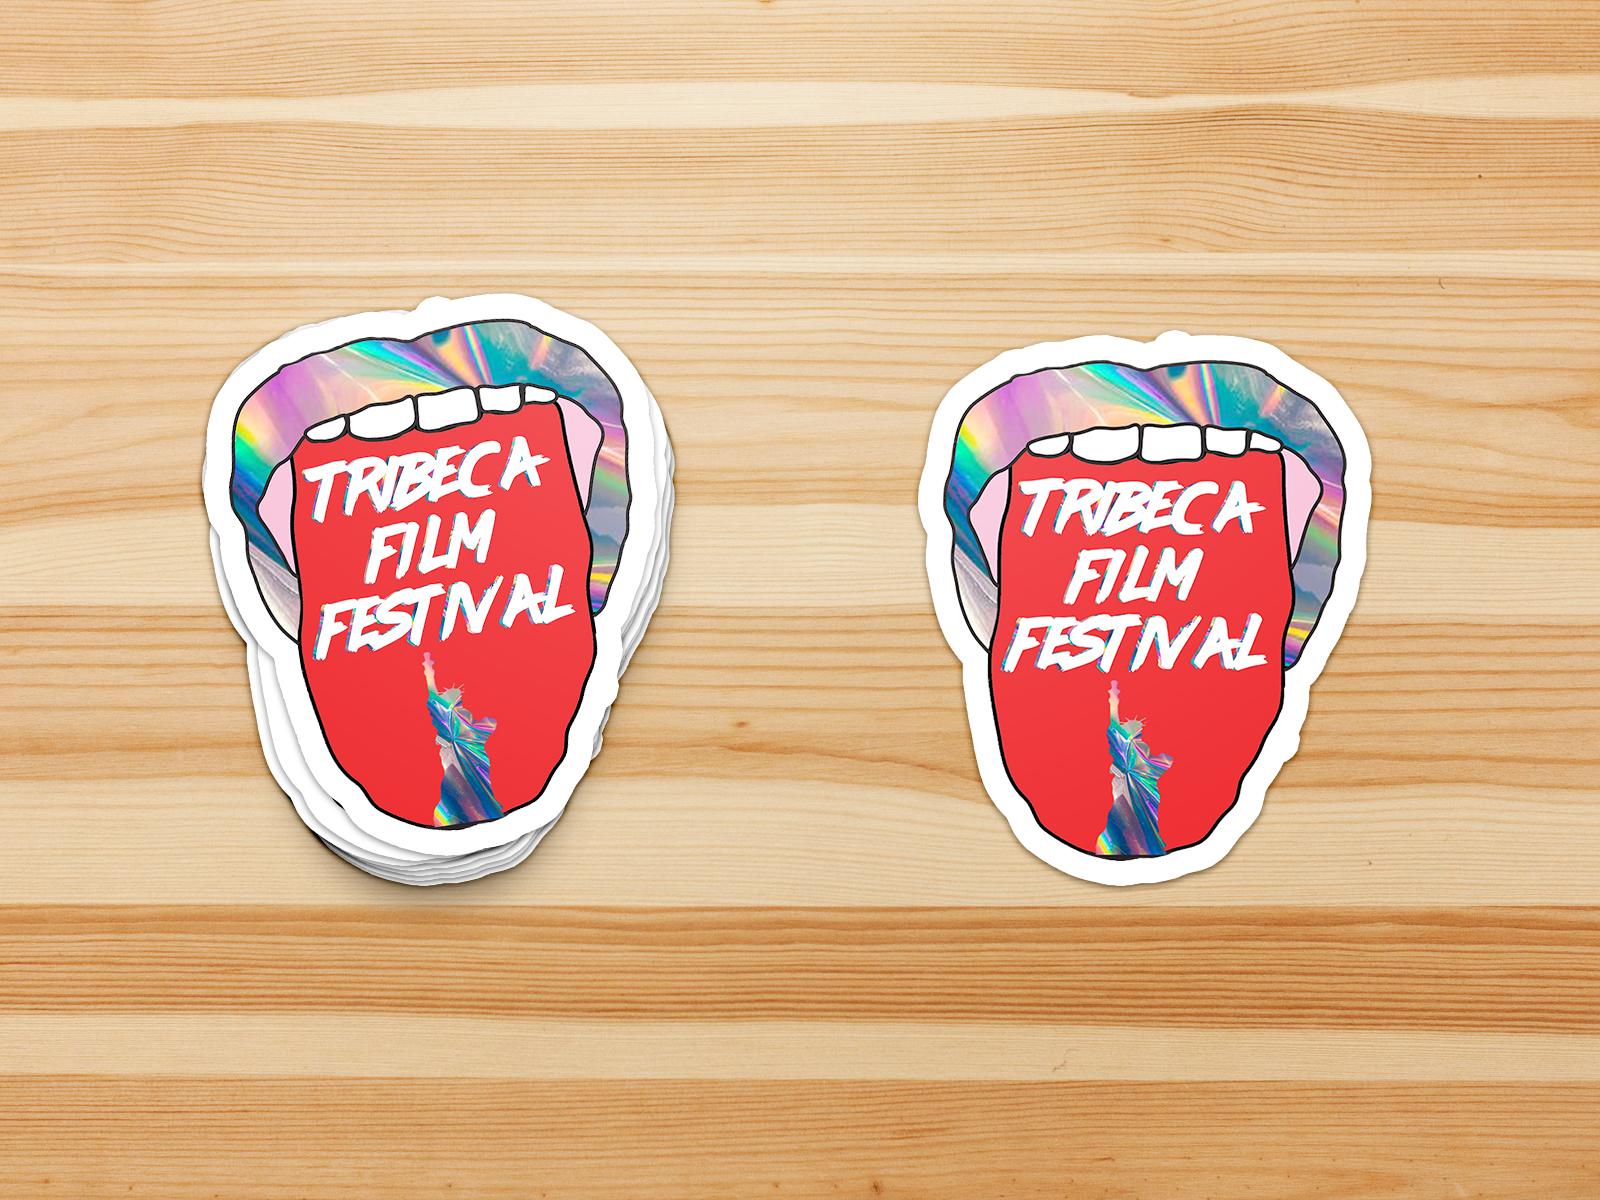 Tribeca Film Stickers Color.jpg